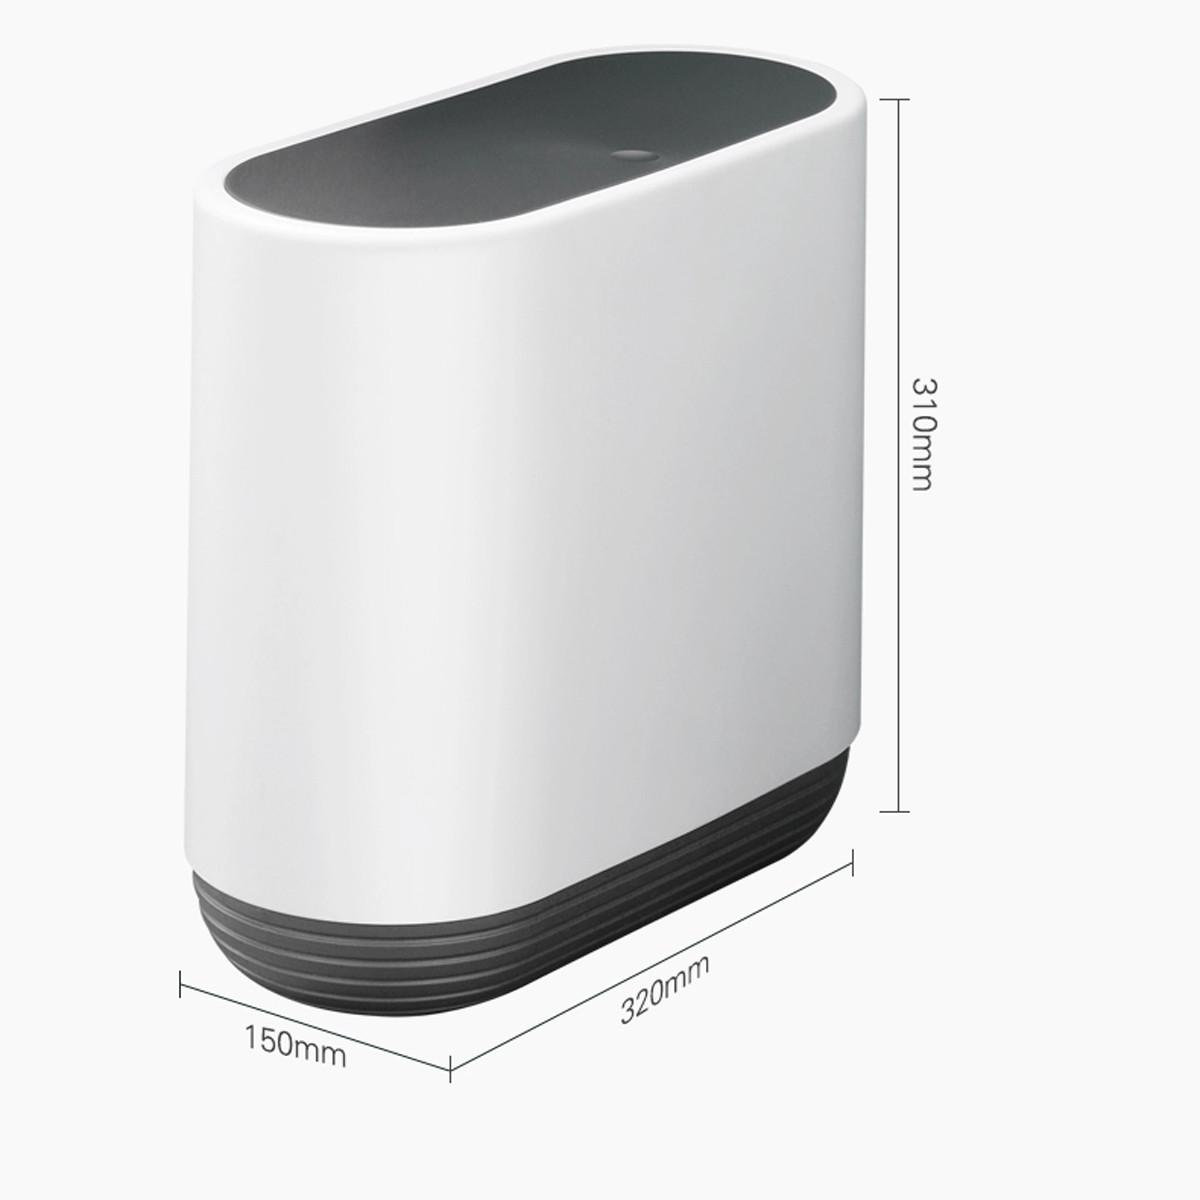 Thùng rác nhấn nắp đa năng HT SYS - COCO - E1906